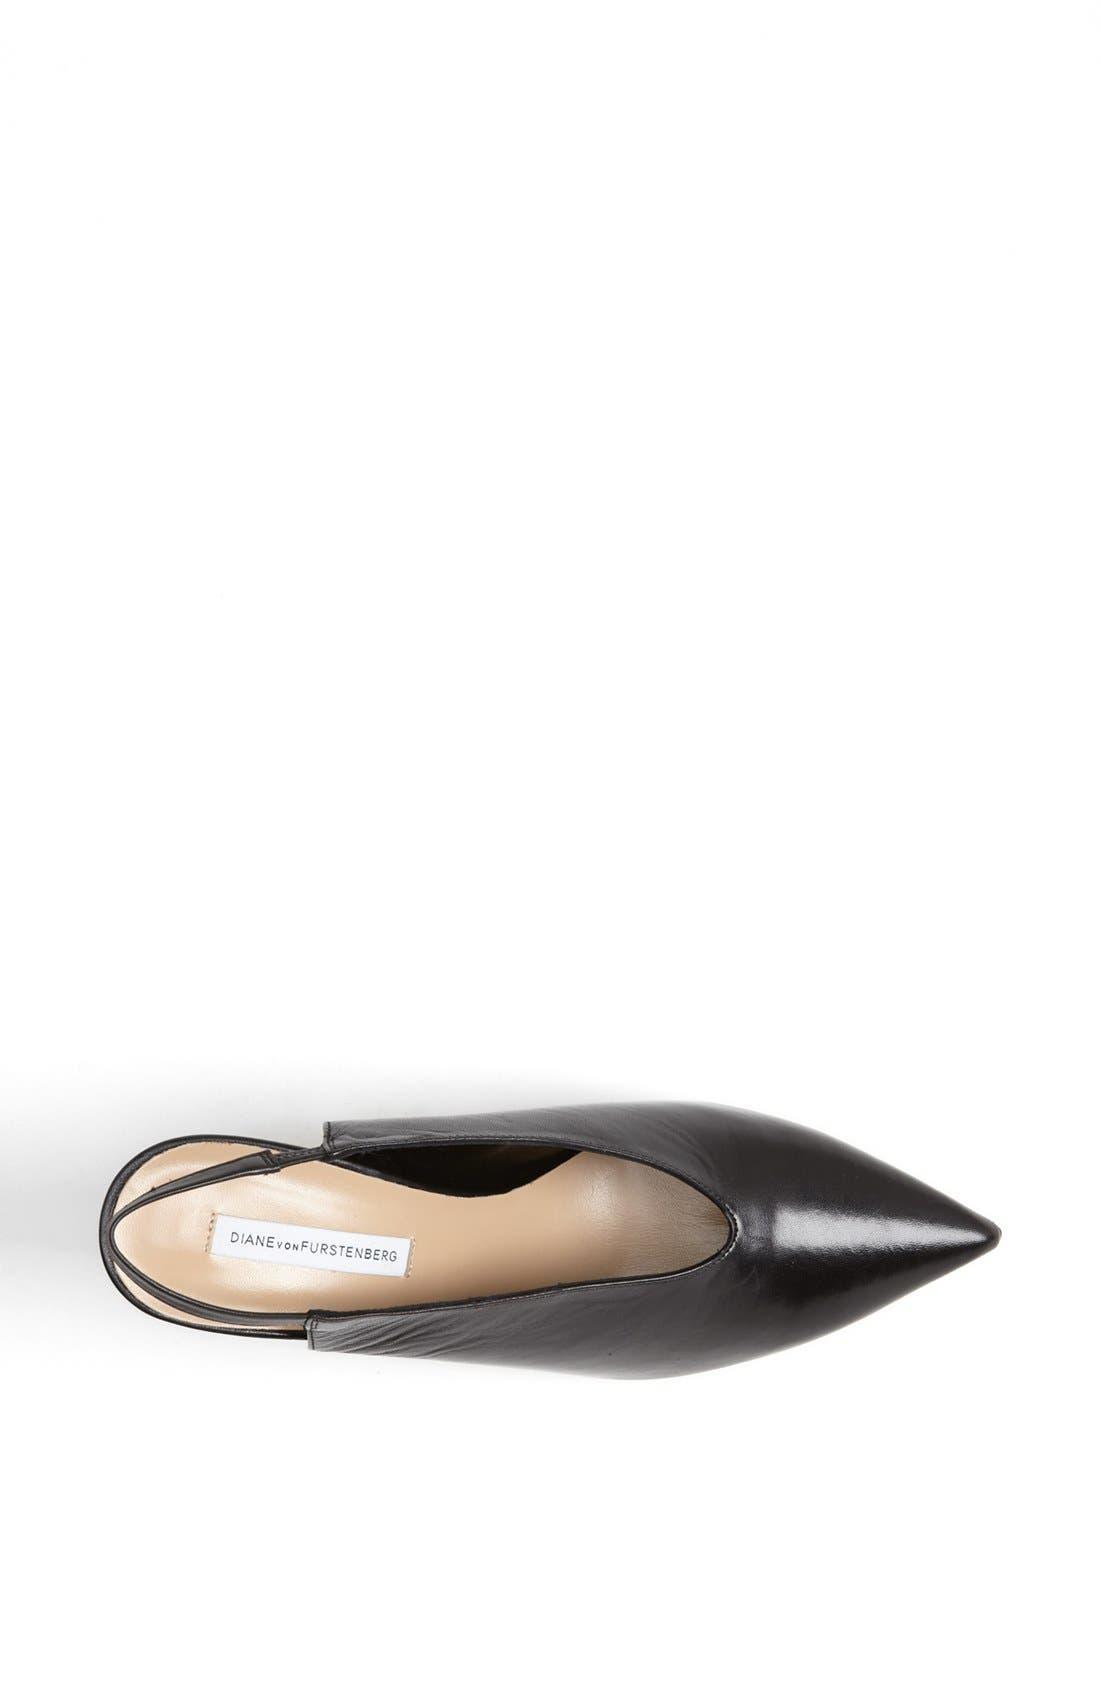 Alternate Image 3  - Diane von Furstenberg 'Beauty' Pump